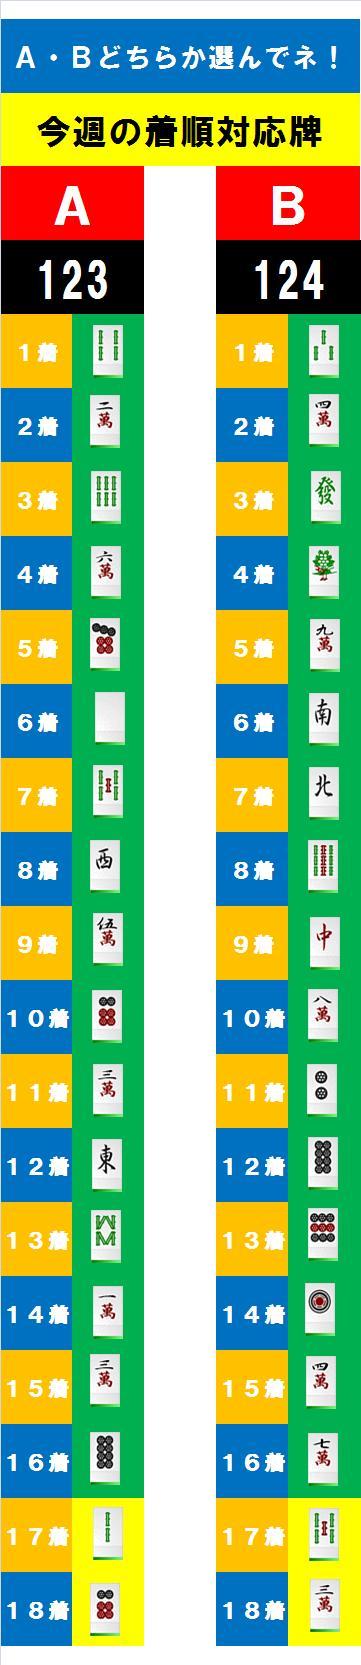 20131027・着順表(123~124).jpg